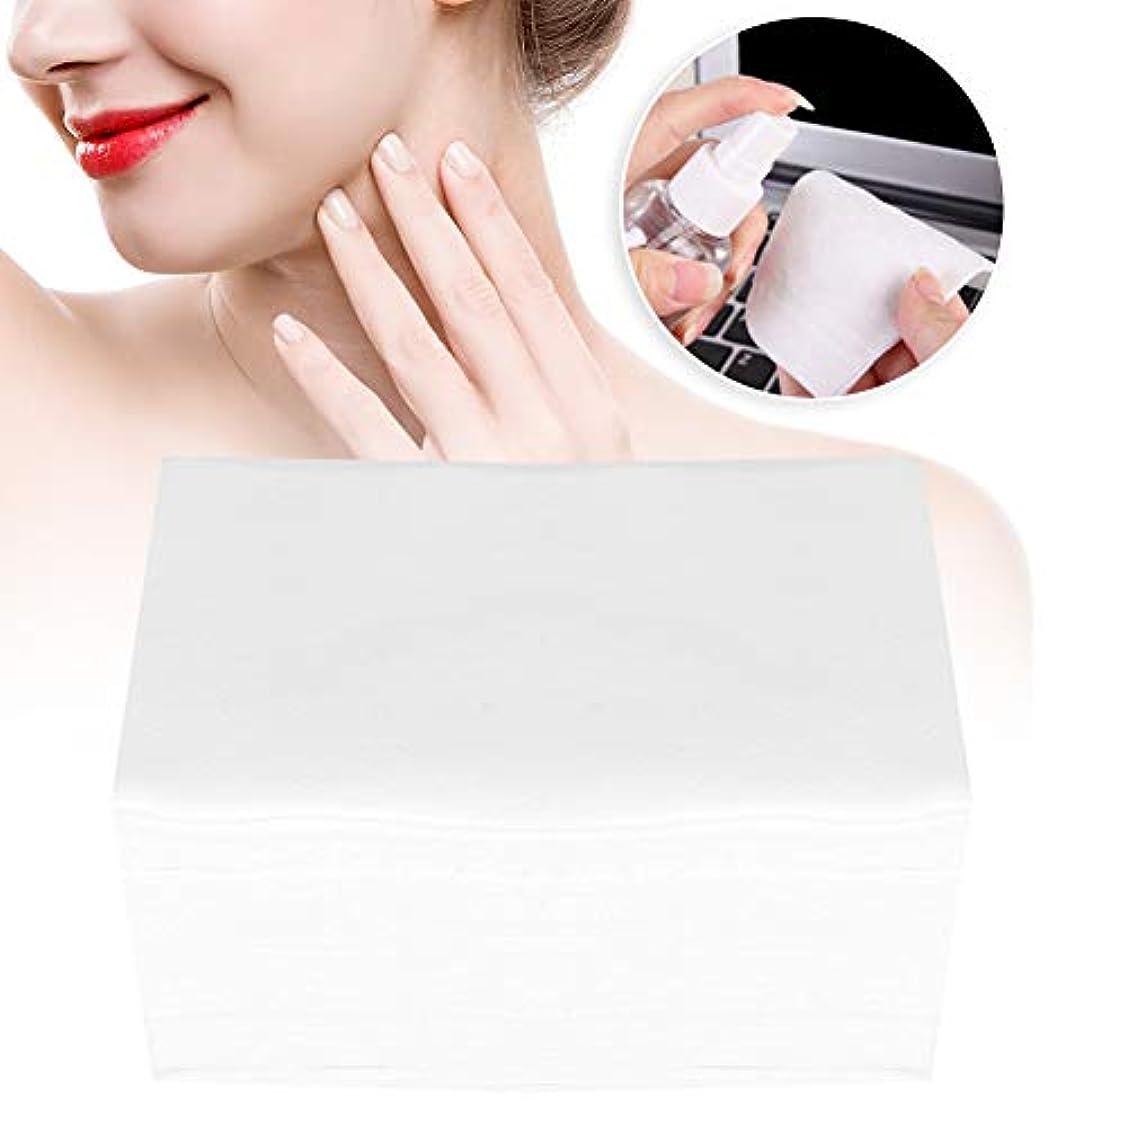 結び目適度な影響する100ピース/ボックスソフトメイク落としコットンパッド化粧品ツールスキンケアクリーニングワイプ